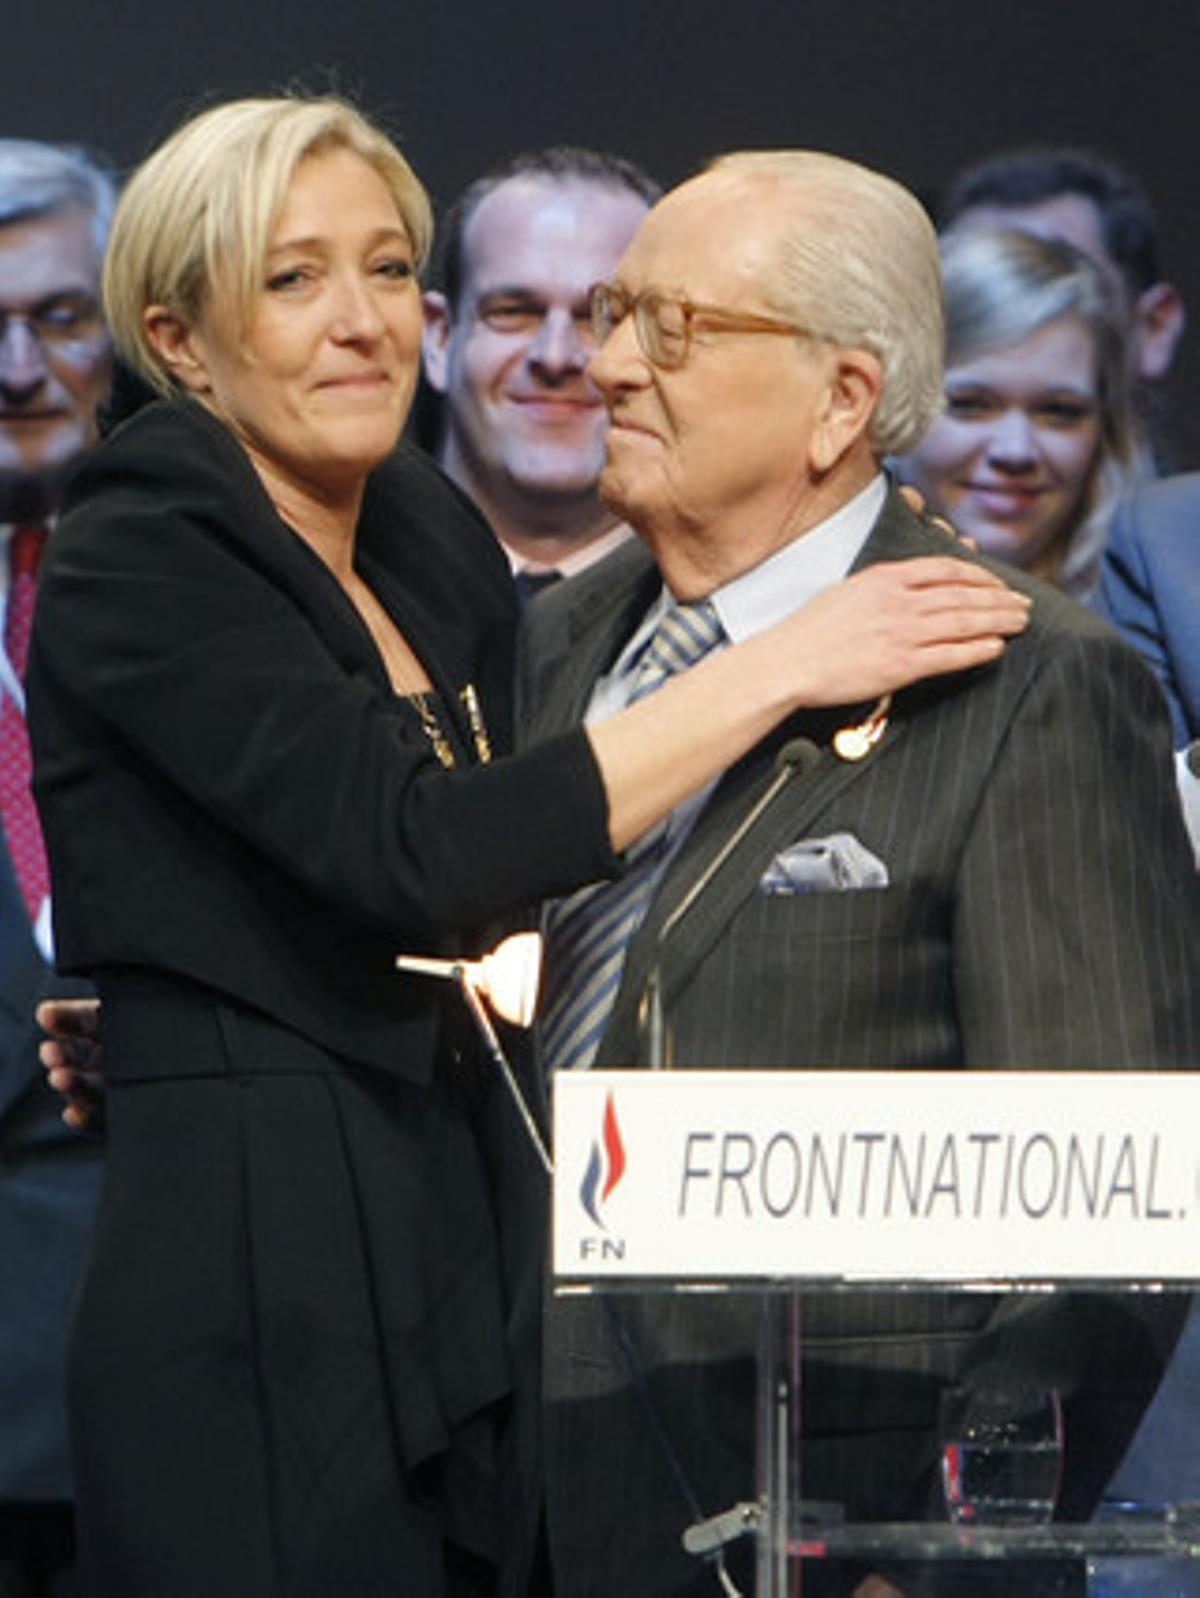 Marine Le Pen abraza a su padre en el congreso del Frente Nacional.